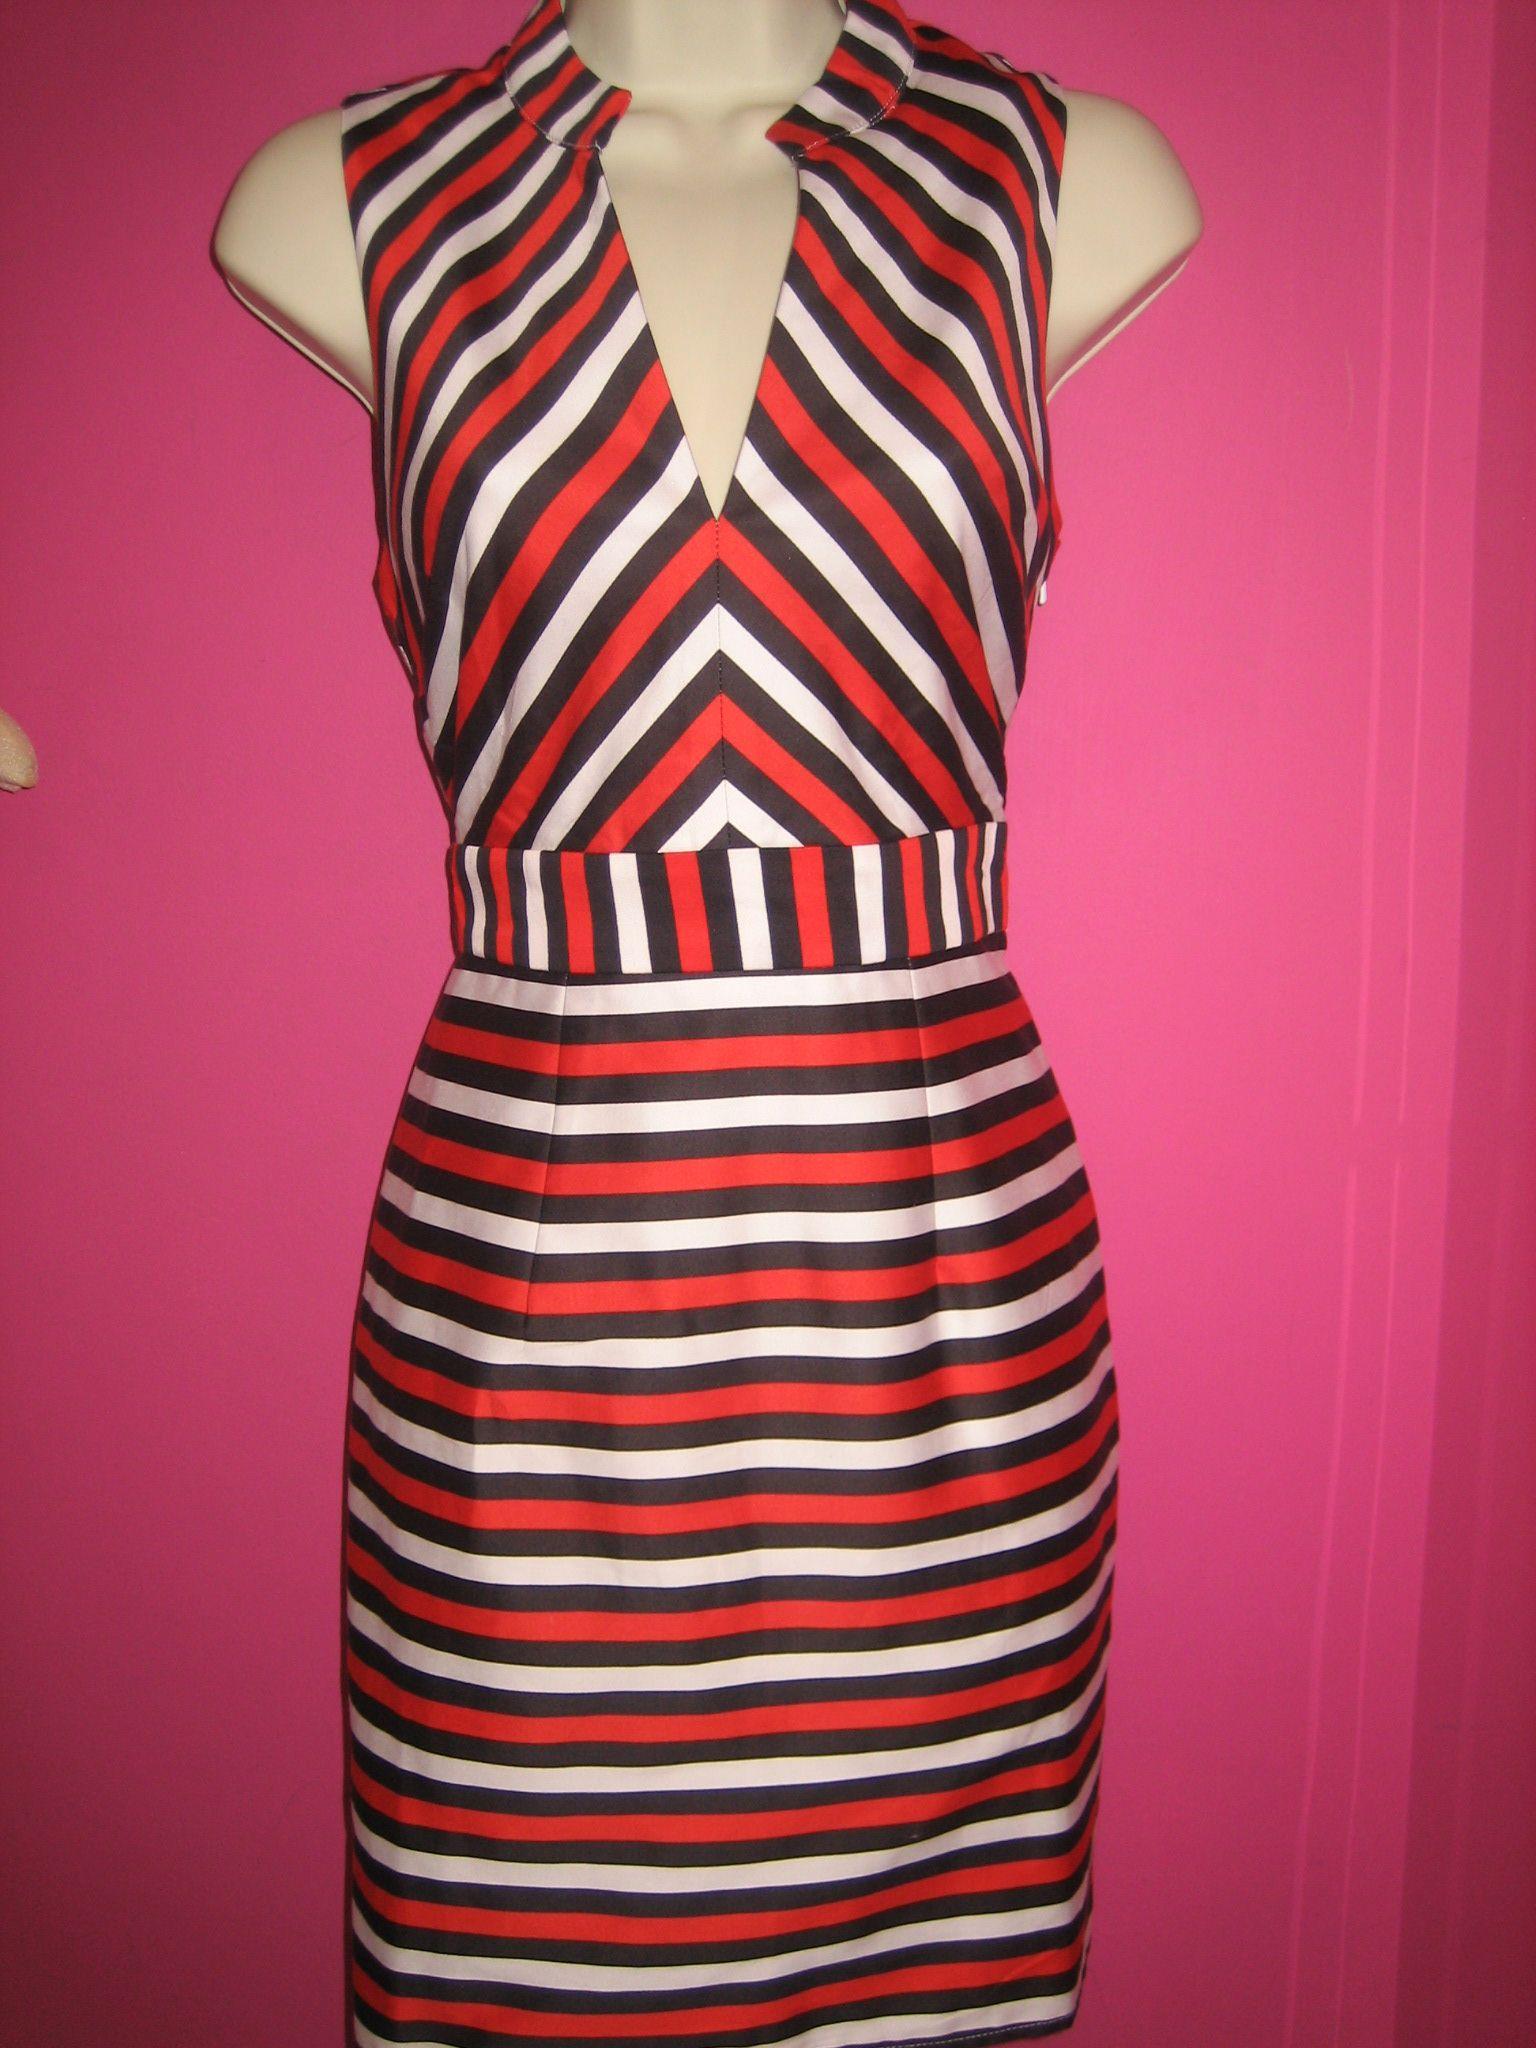 Minuet nautical inspired striped dress | Loveliness | Pinterest ...